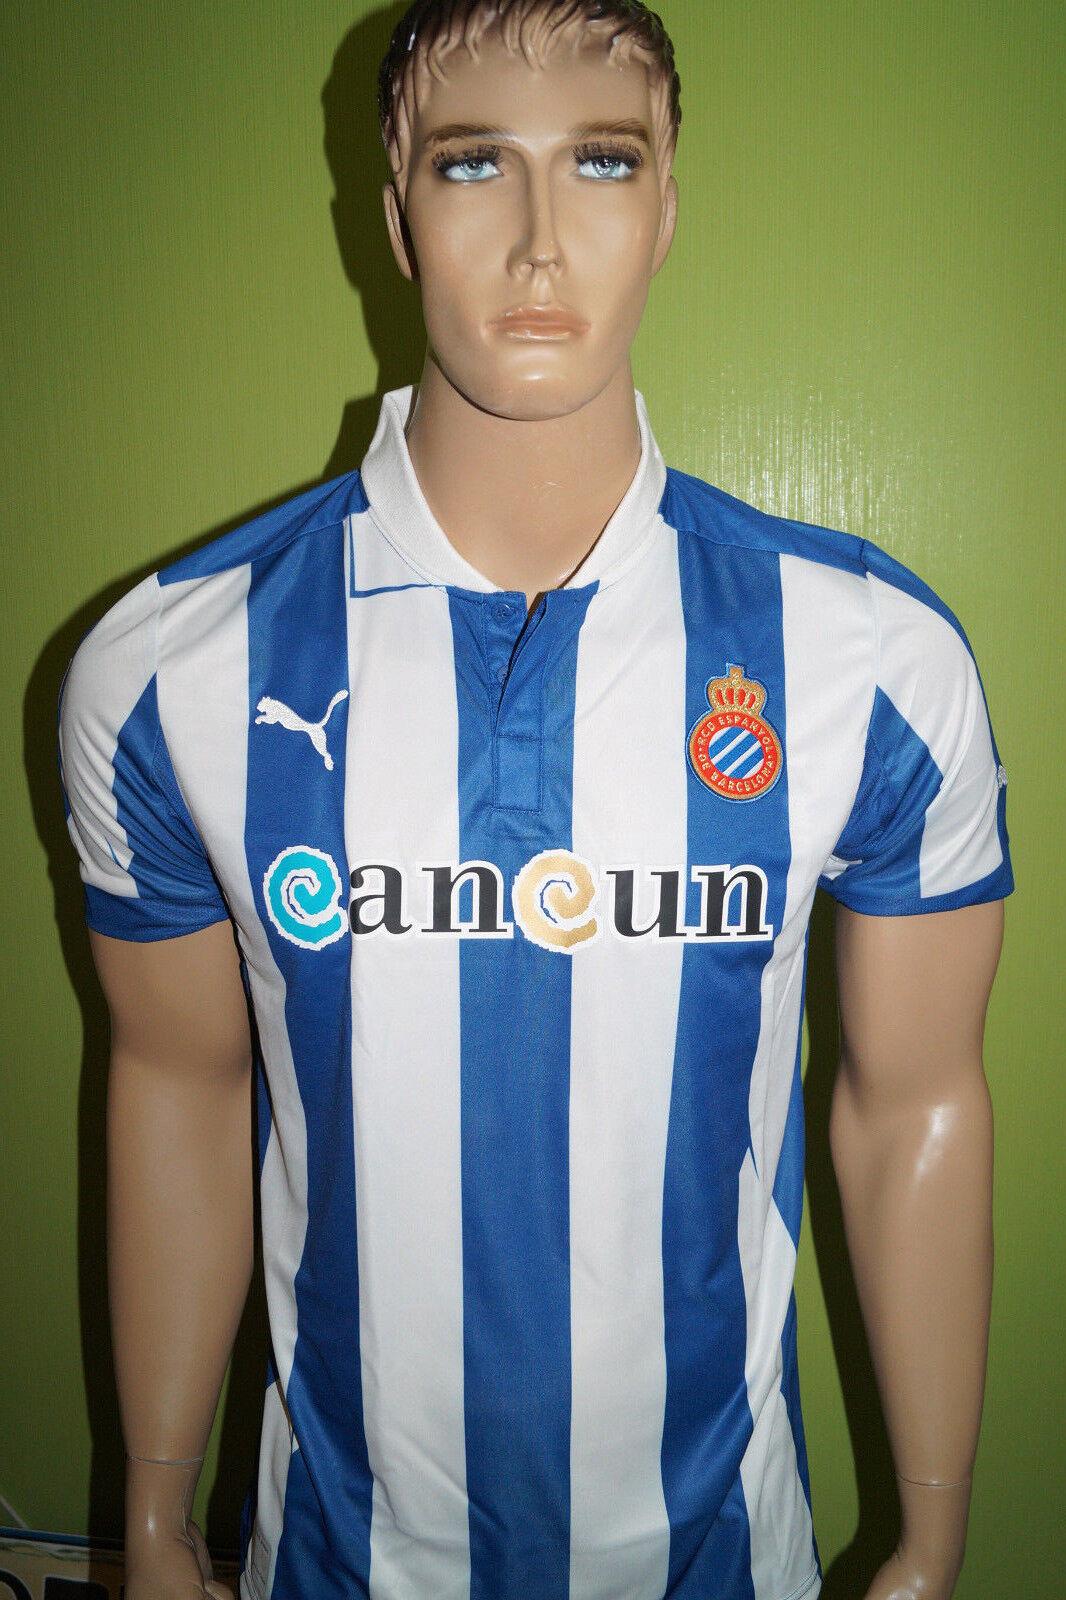 PUMA RCD Espanyol de Barcelona Trikot Jersey Maillot [L] 743024 01